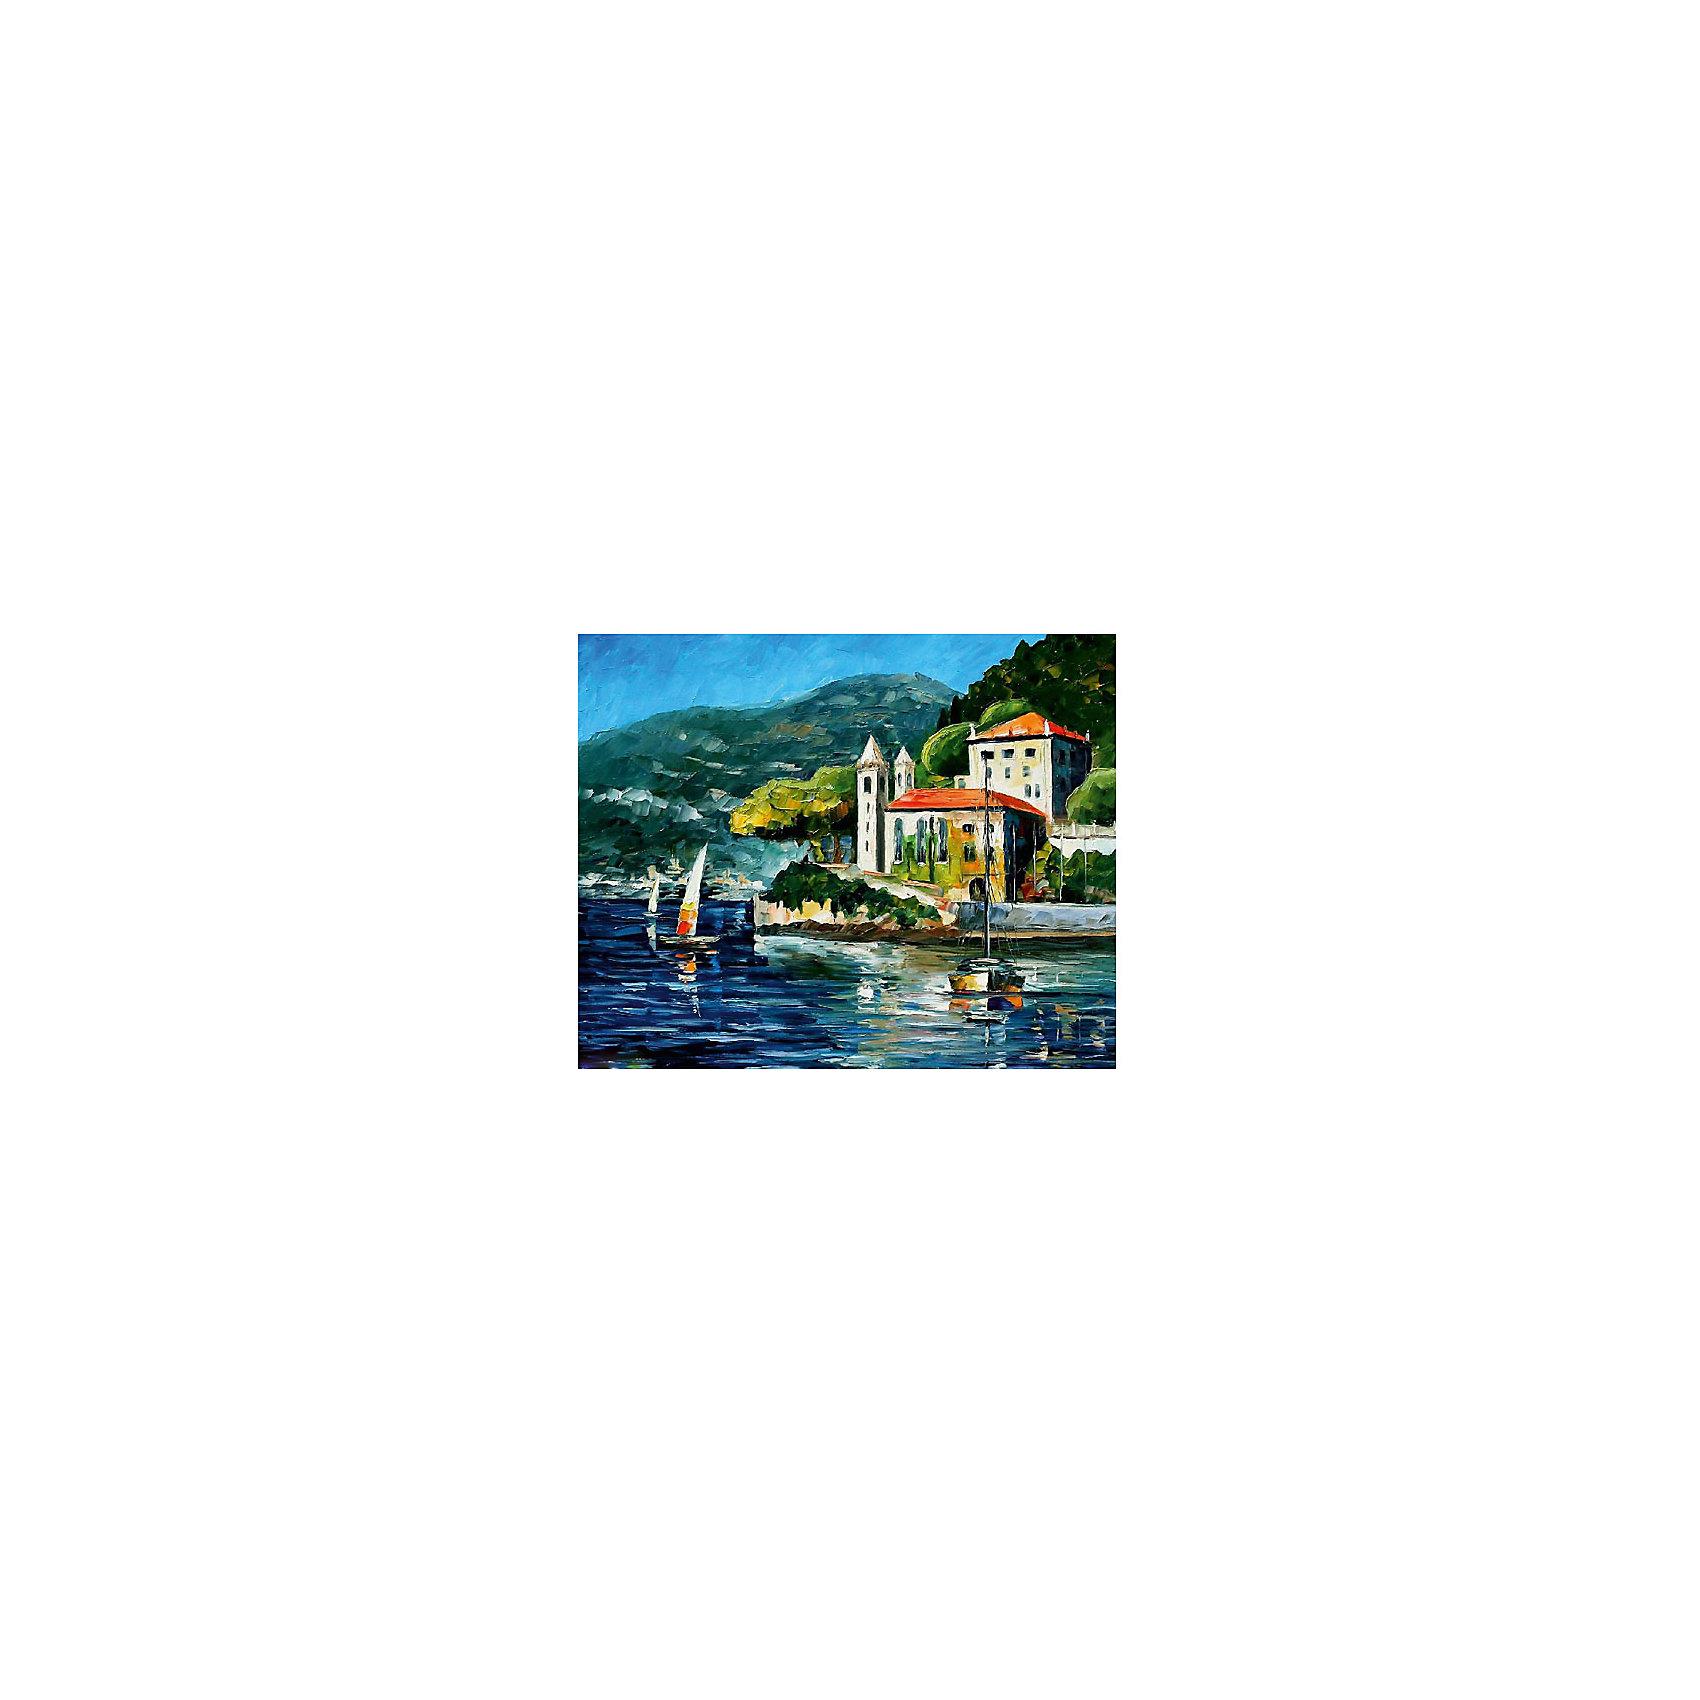 Картина по номерам Афремов: Озеро Комо, Италия, 40*50 смРисование<br>Картины с раскраской по номерам размером 40*50. На деревянном подрамнике, с прогрунтованным холстом и  нанесенными контурами картины, с указанием цвета закраски, акриловыми красками, 3 кисточками и креплением на стену. Уровень сложности, количество красок указаны на коробке.<br><br>Ширина мм: 500<br>Глубина мм: 400<br>Высота мм: 40<br>Вес г: 730<br>Возраст от месяцев: 108<br>Возраст до месяцев: 2147483647<br>Пол: Унисекс<br>Возраст: Детский<br>SKU: 5417694